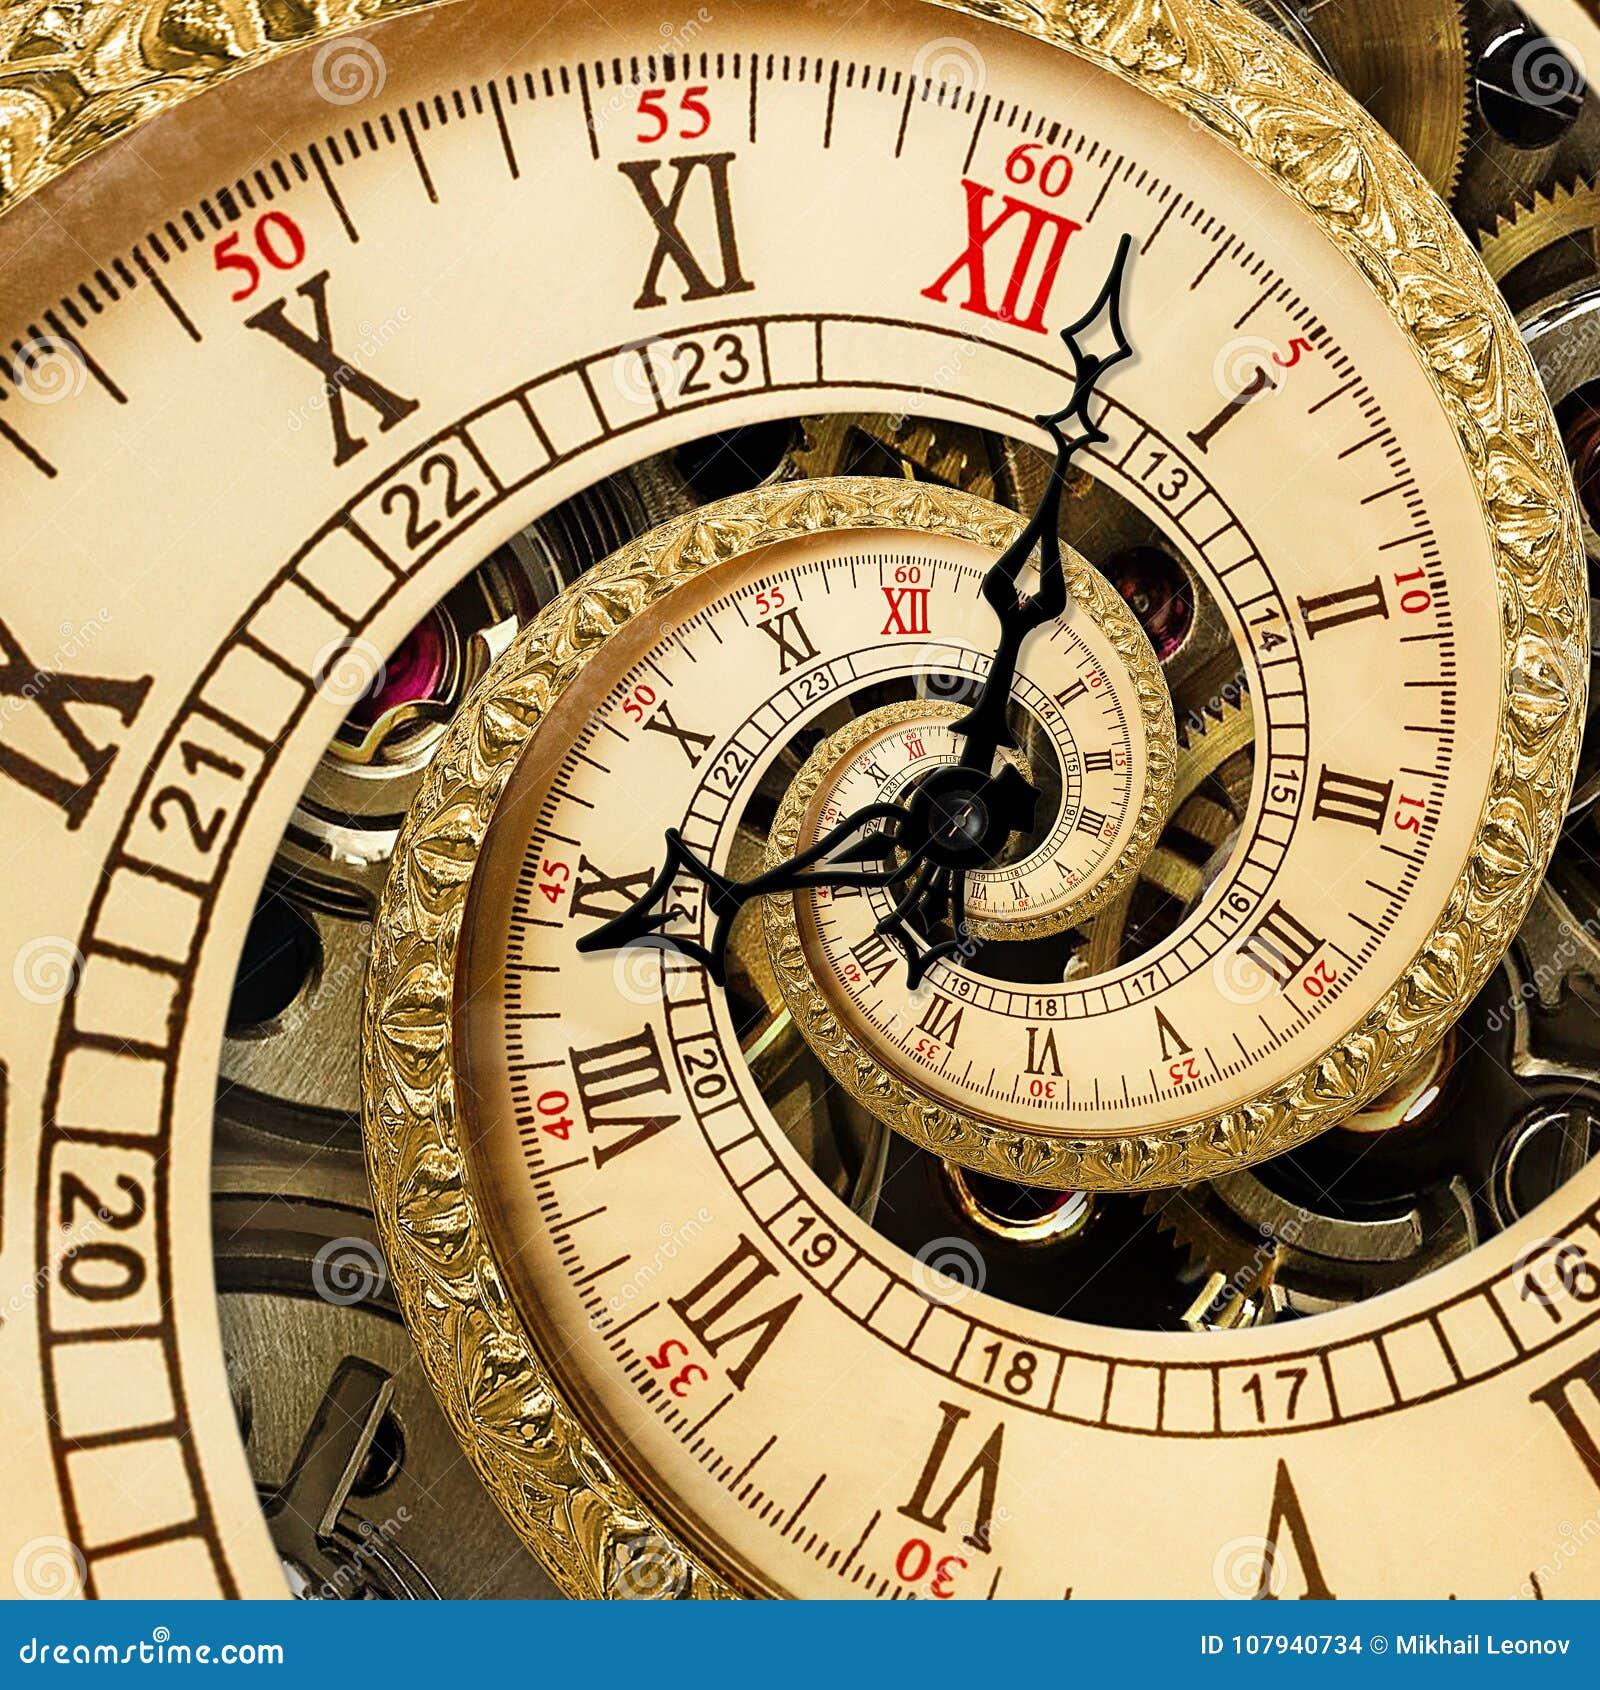 Vieille spirale antique surréaliste de fractale d abrégé sur horloge Observez les horloges avec la fractale abstraite peu commune